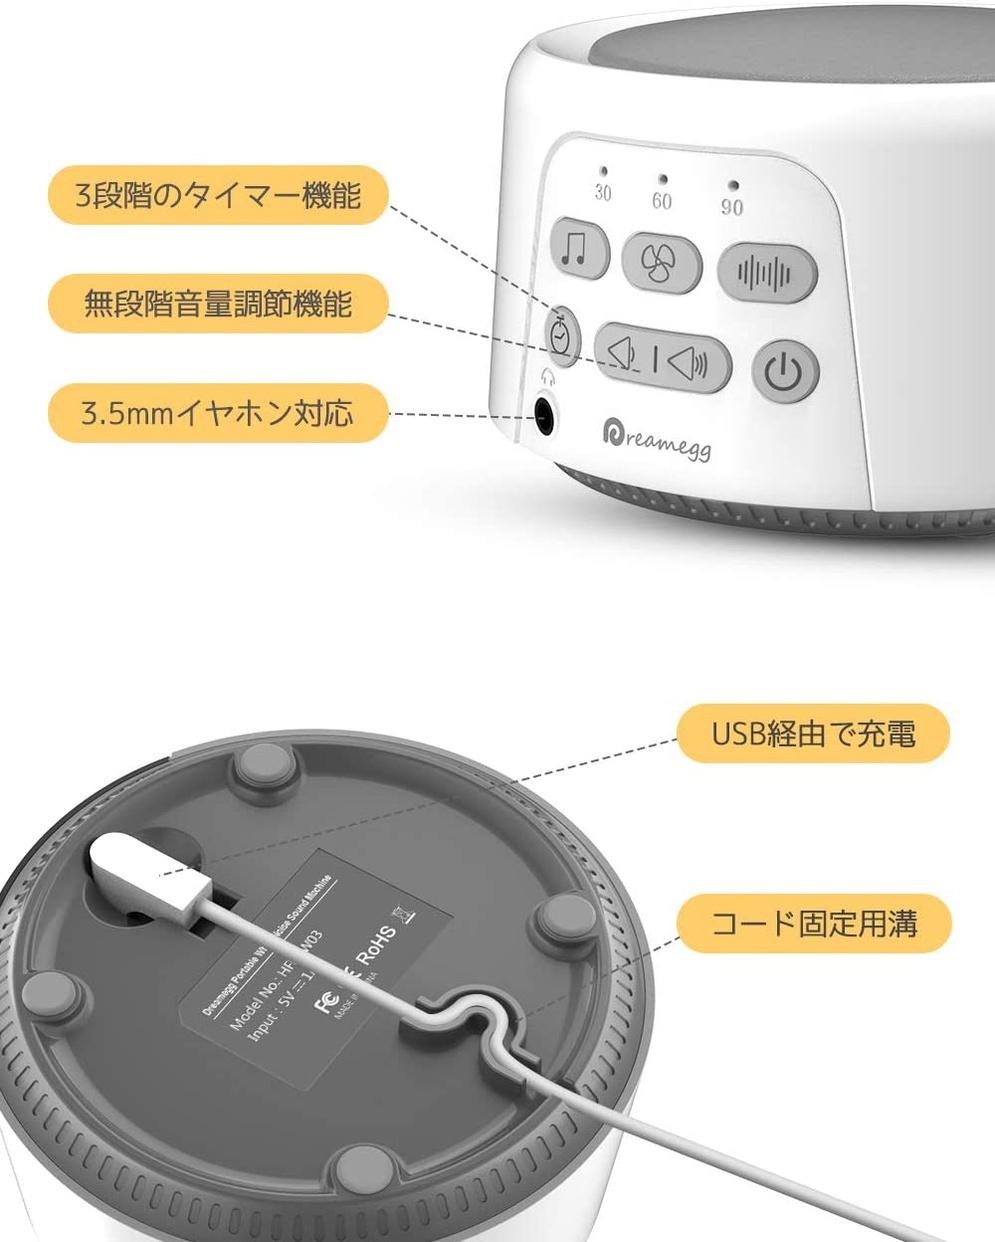 Dreamegg(ドリームエッグ) ホワイトノイズマシンの商品画像7